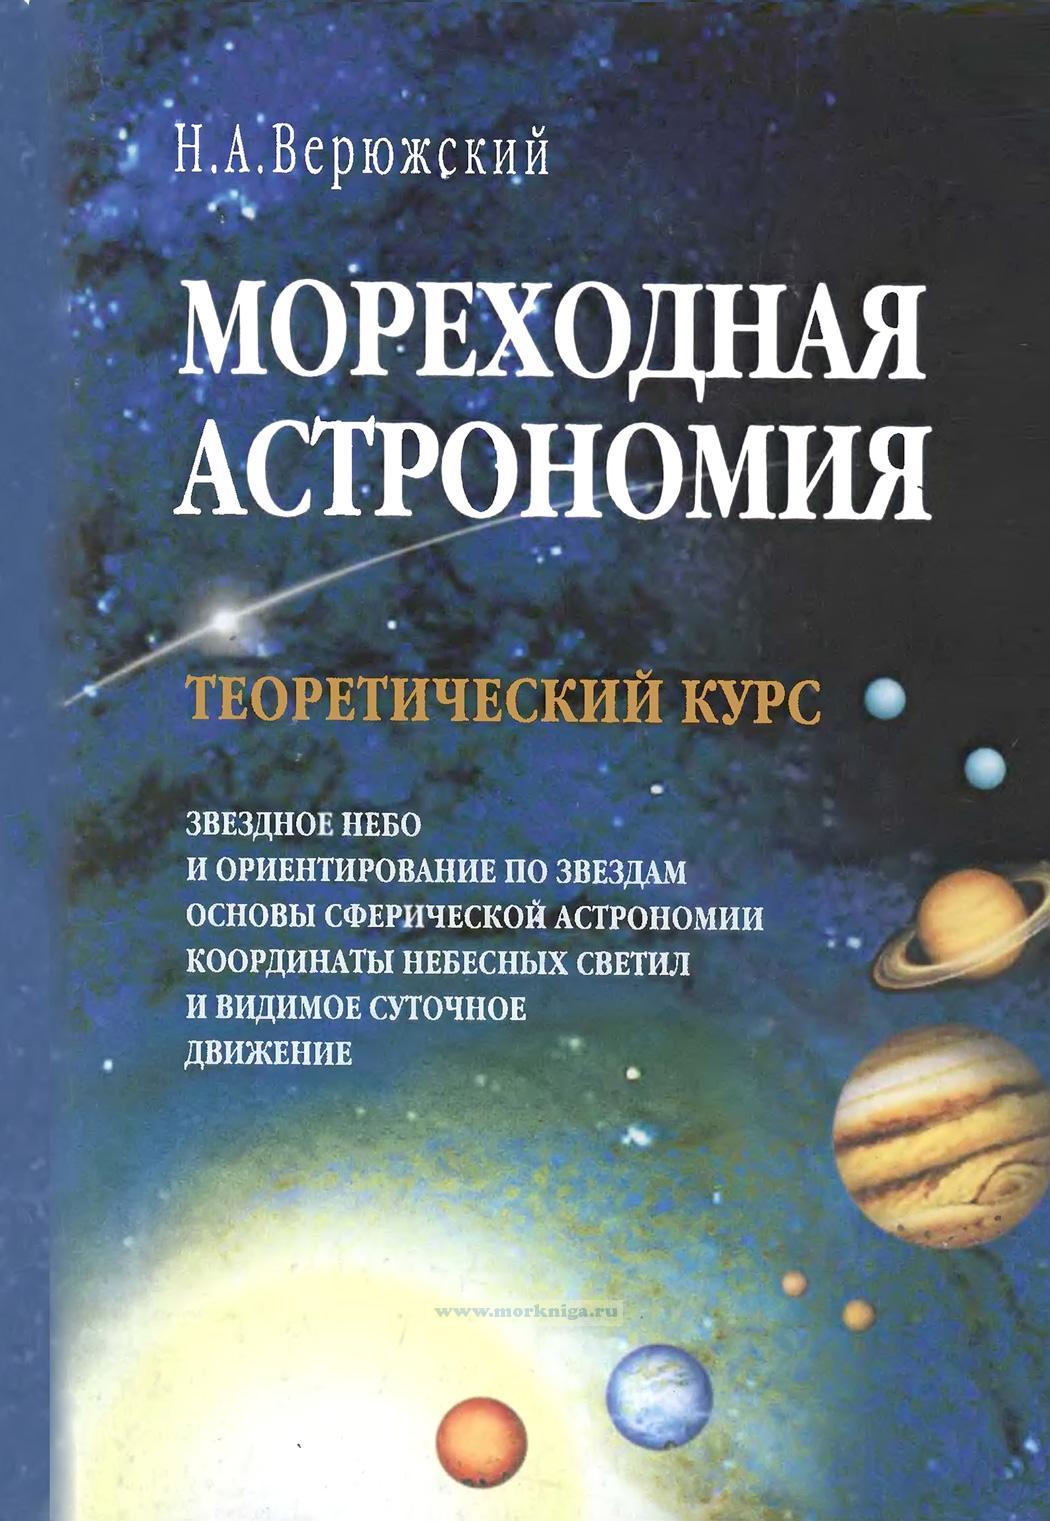 Мореходная астрономия. Теоретический курс